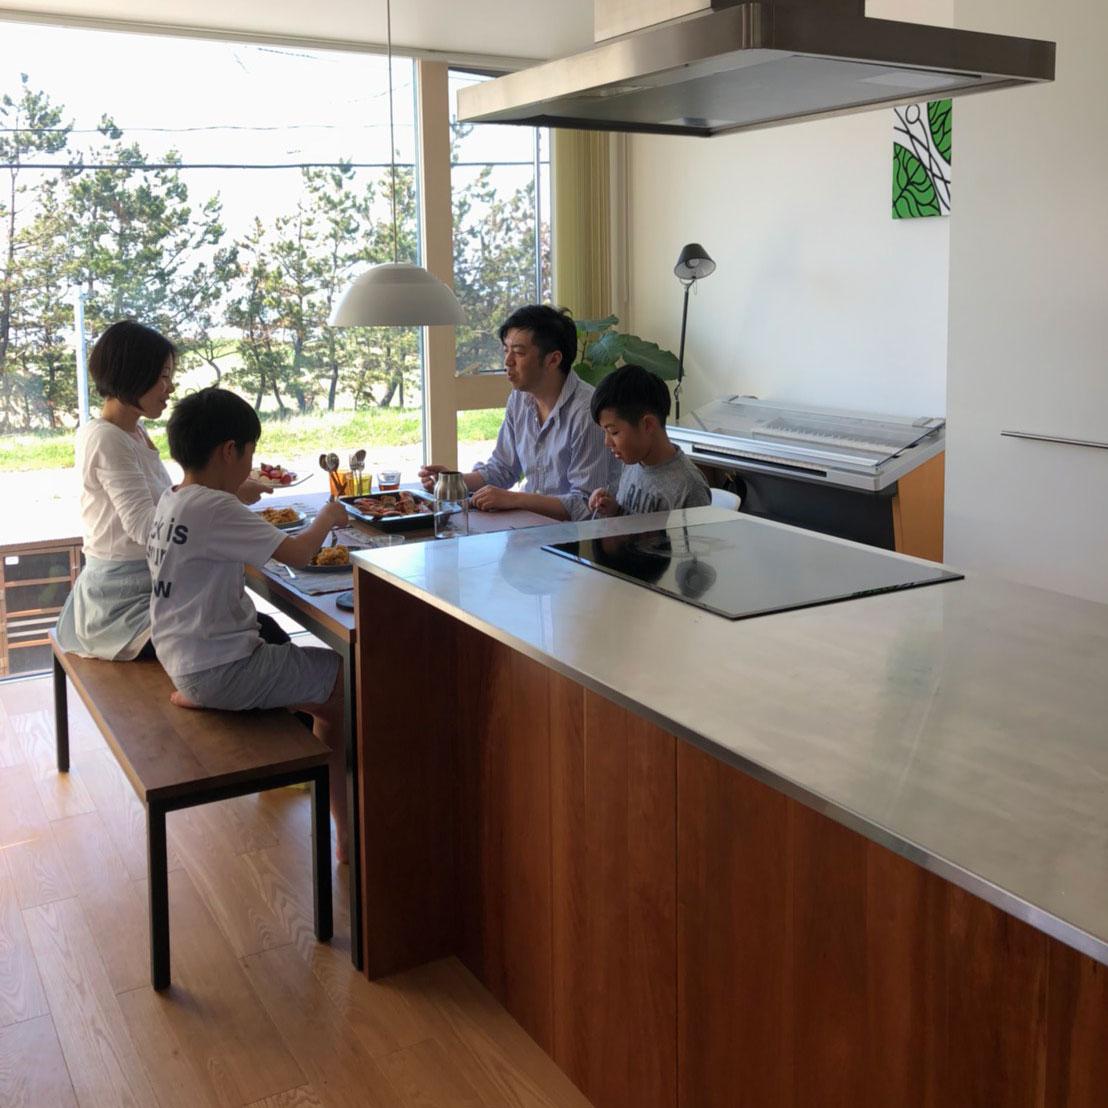 テーブルとベンチをオーダーキッチンと一緒に製作 3029イメージ-2